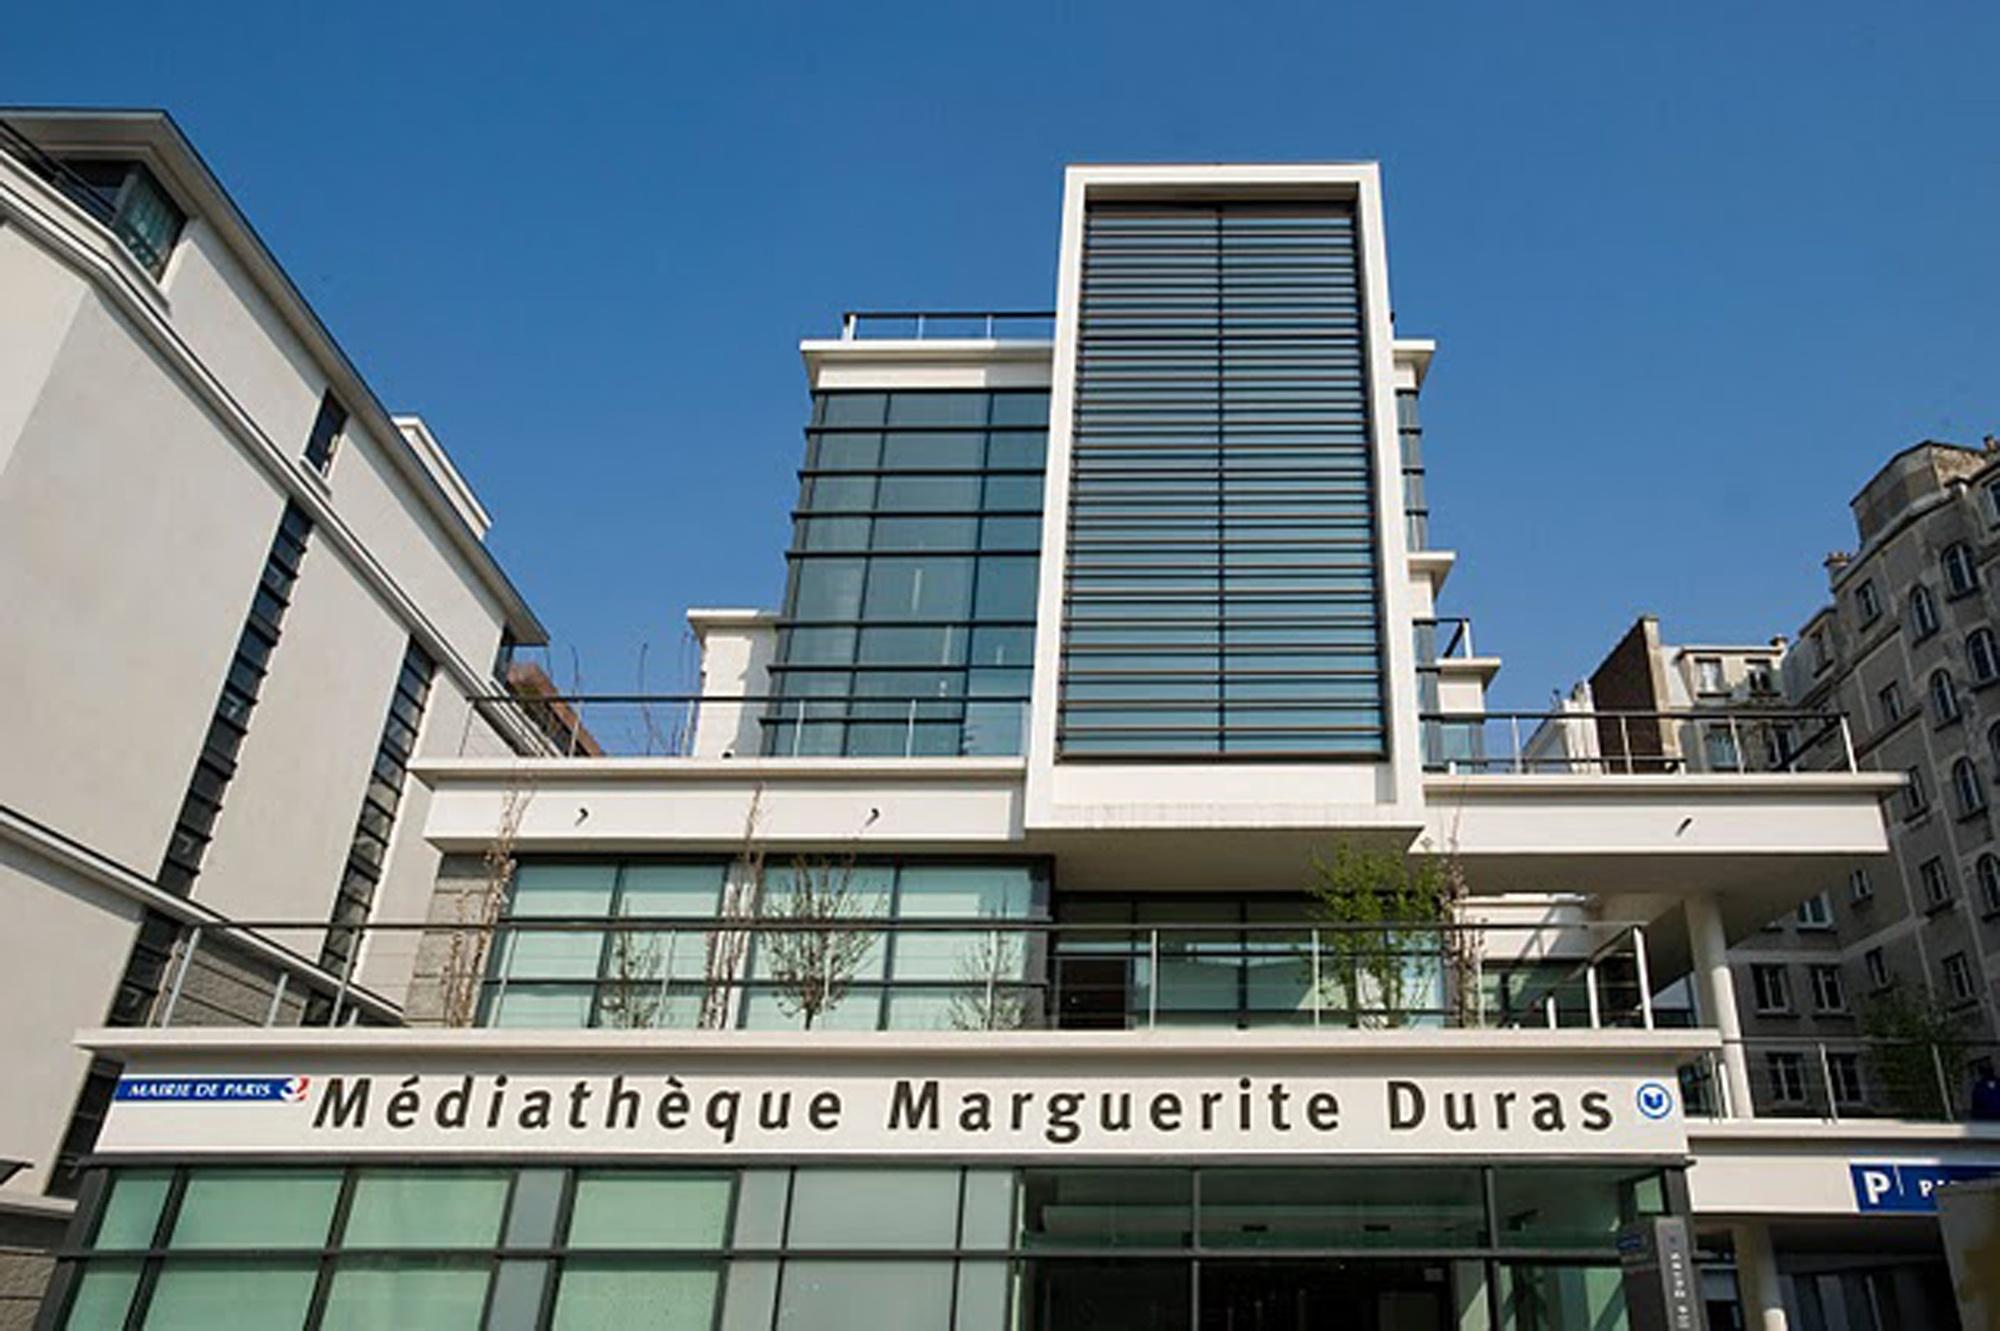 mediathequemargueriteduras.jpg